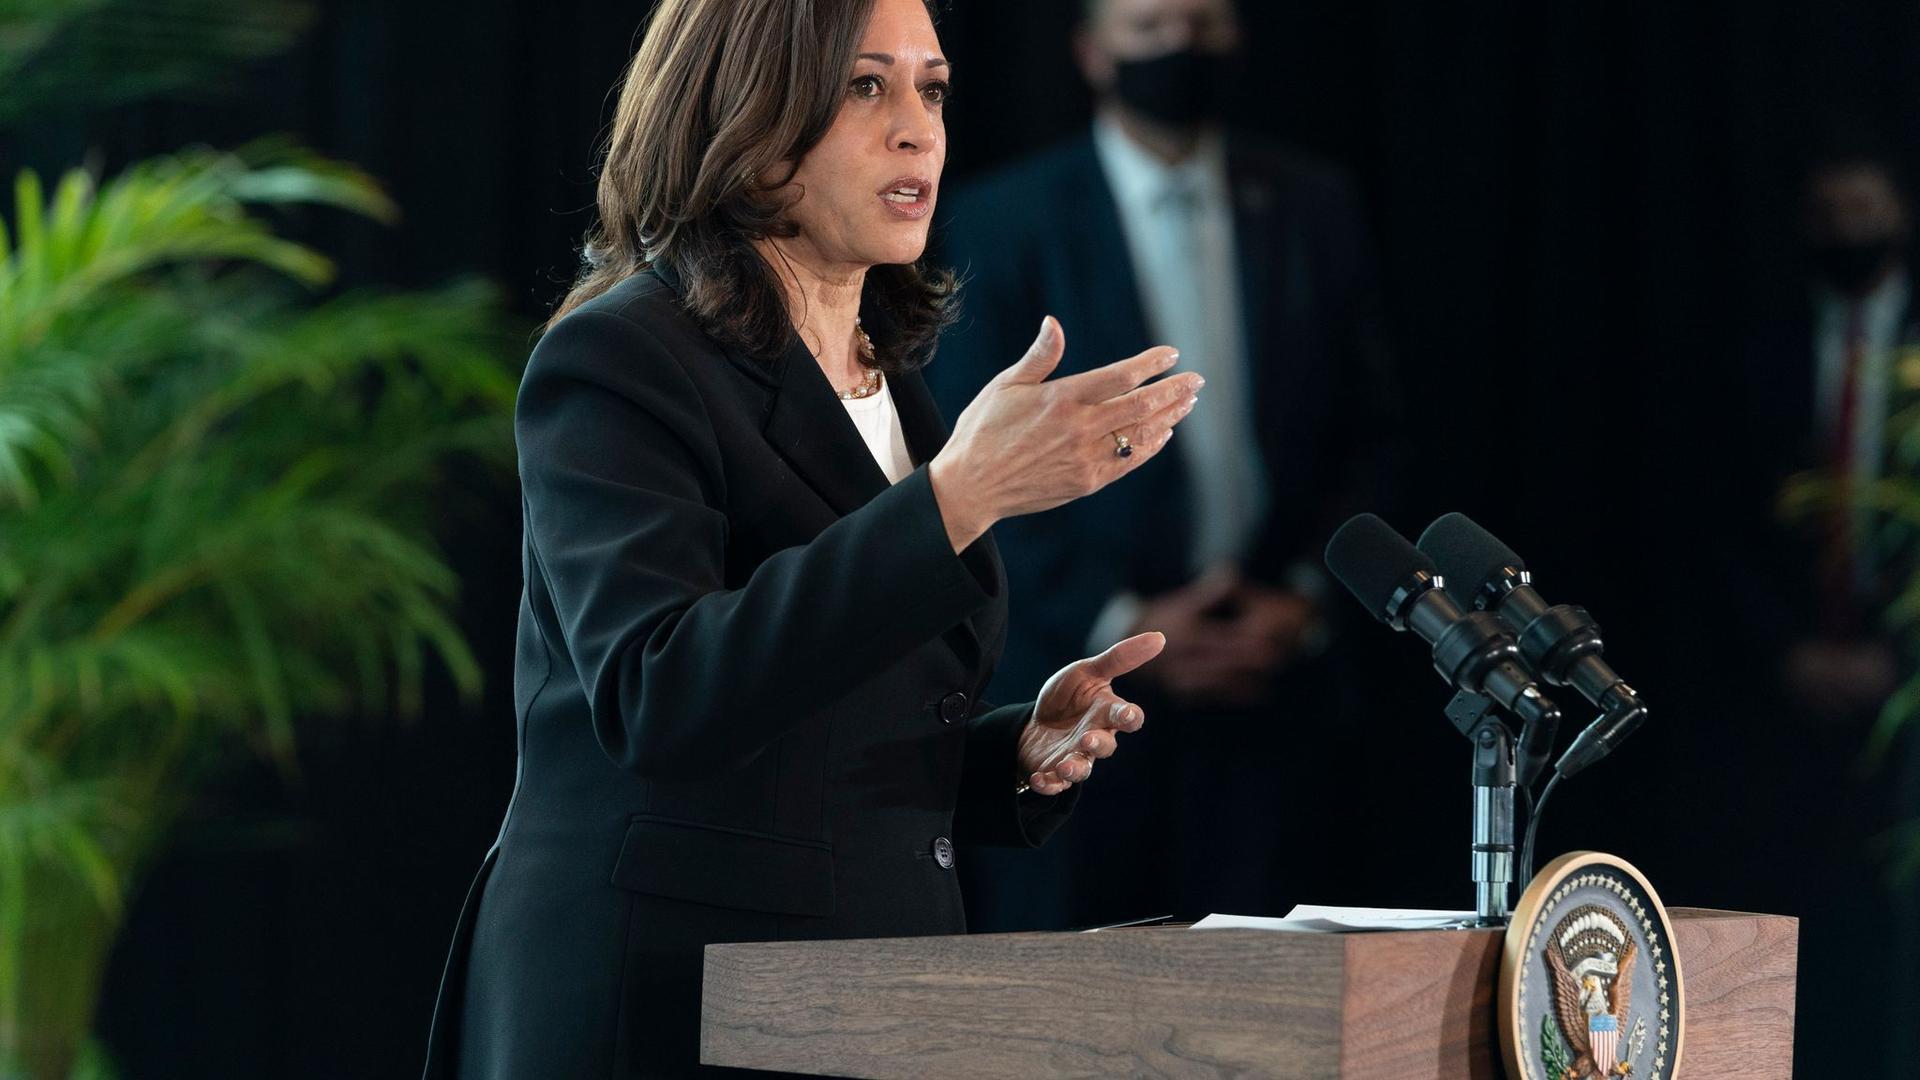 Kamala Harris, Vizepräsidentin der USA, spricht zu den Medien. Bei der ersten Auslandsreise von Kamala Harris als US-Vizepräsidentin haben in Mexiko die beiden Nachbarländer eine engere Zusammenarbeit unter anderem beim Thema Migration vereinbart.